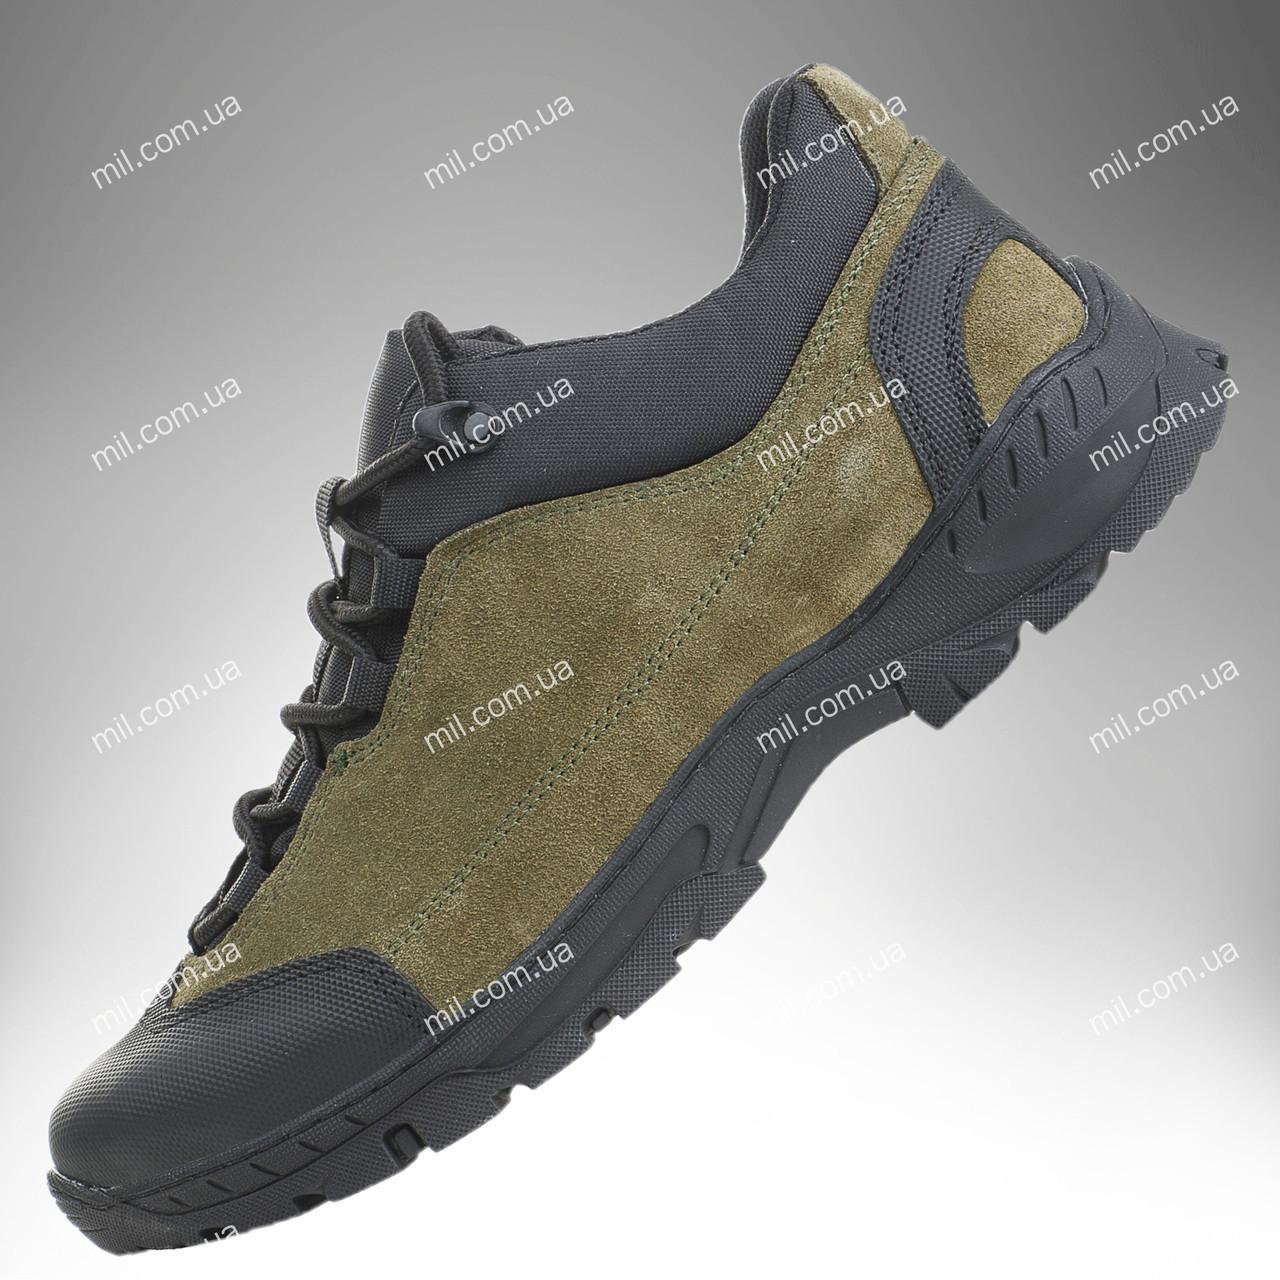 ⭐⭐Тактические кроссовки / демисезонная военная обувь Trooper CROC (olive) | военные кроссовки, тактические